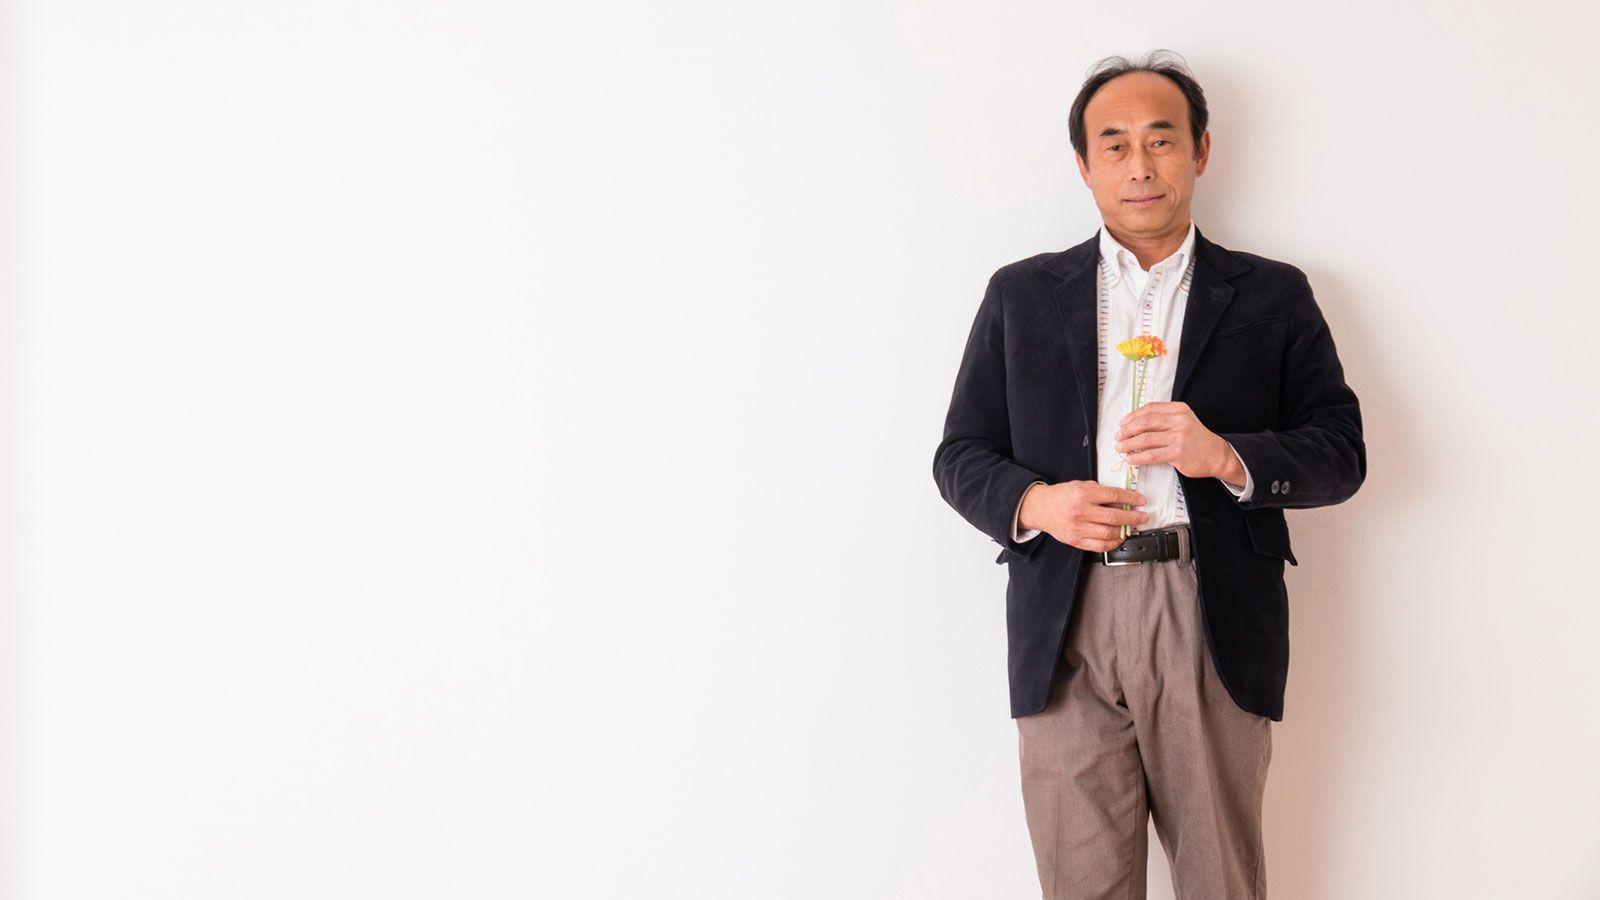 子どもが欲しい」50代初婚男性が直面する現実 | 激変!ニッポンの結婚 ...